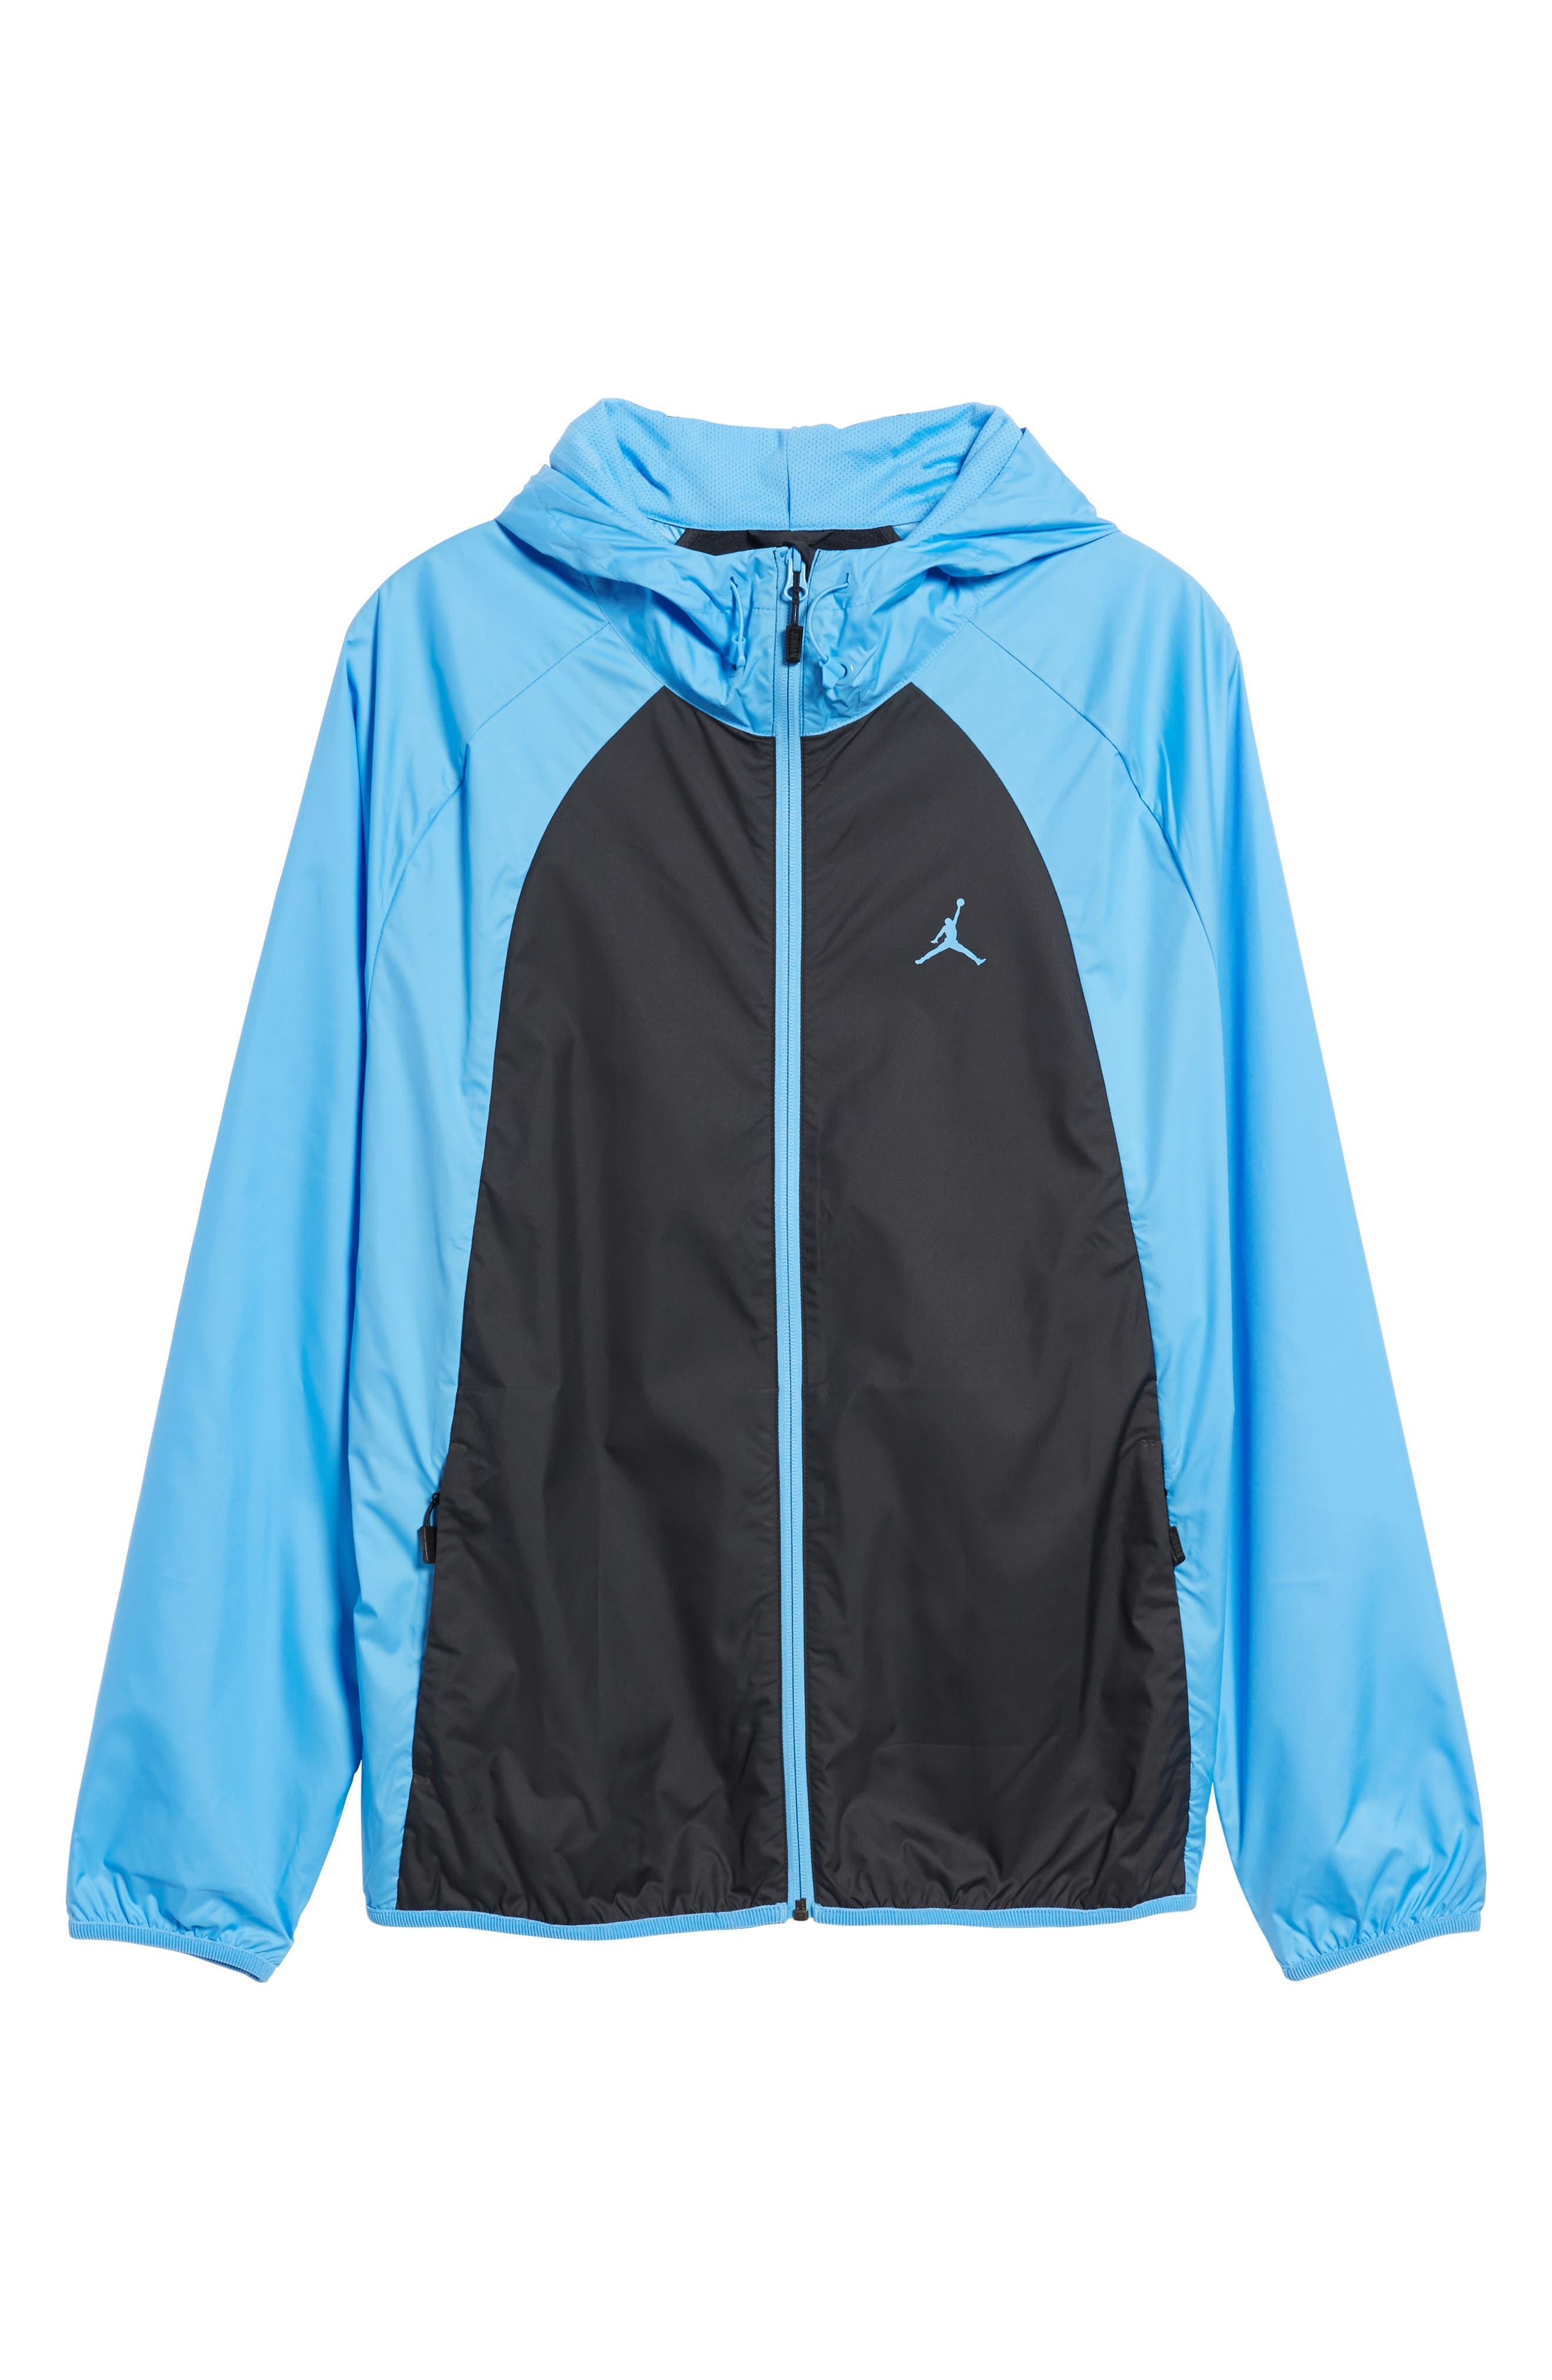 Main Image - Nike Jordan Sportswear Wings Windbreaker Jacket